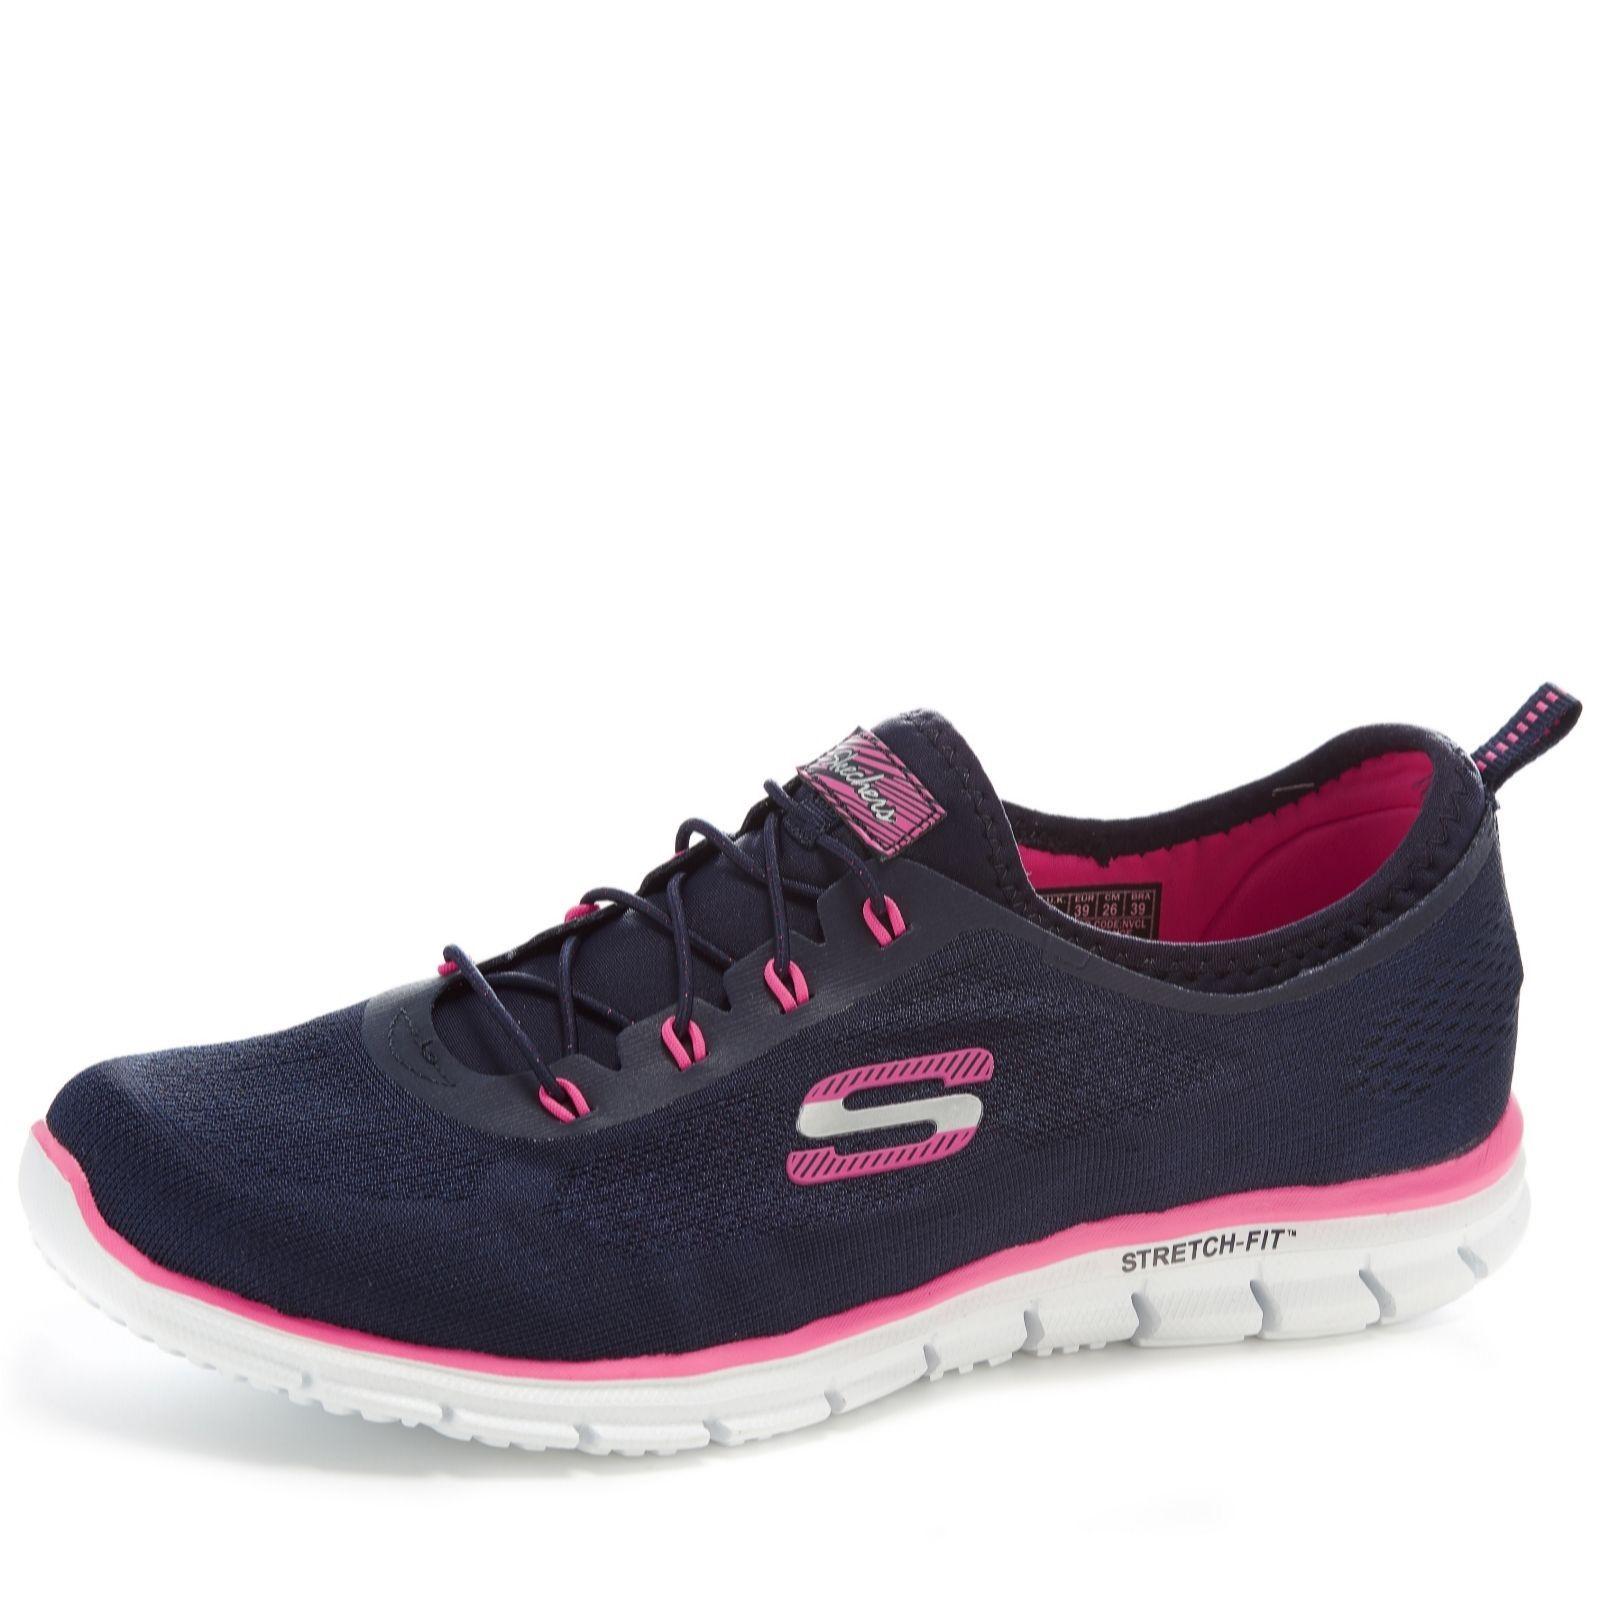 skechers ladies pink trainers